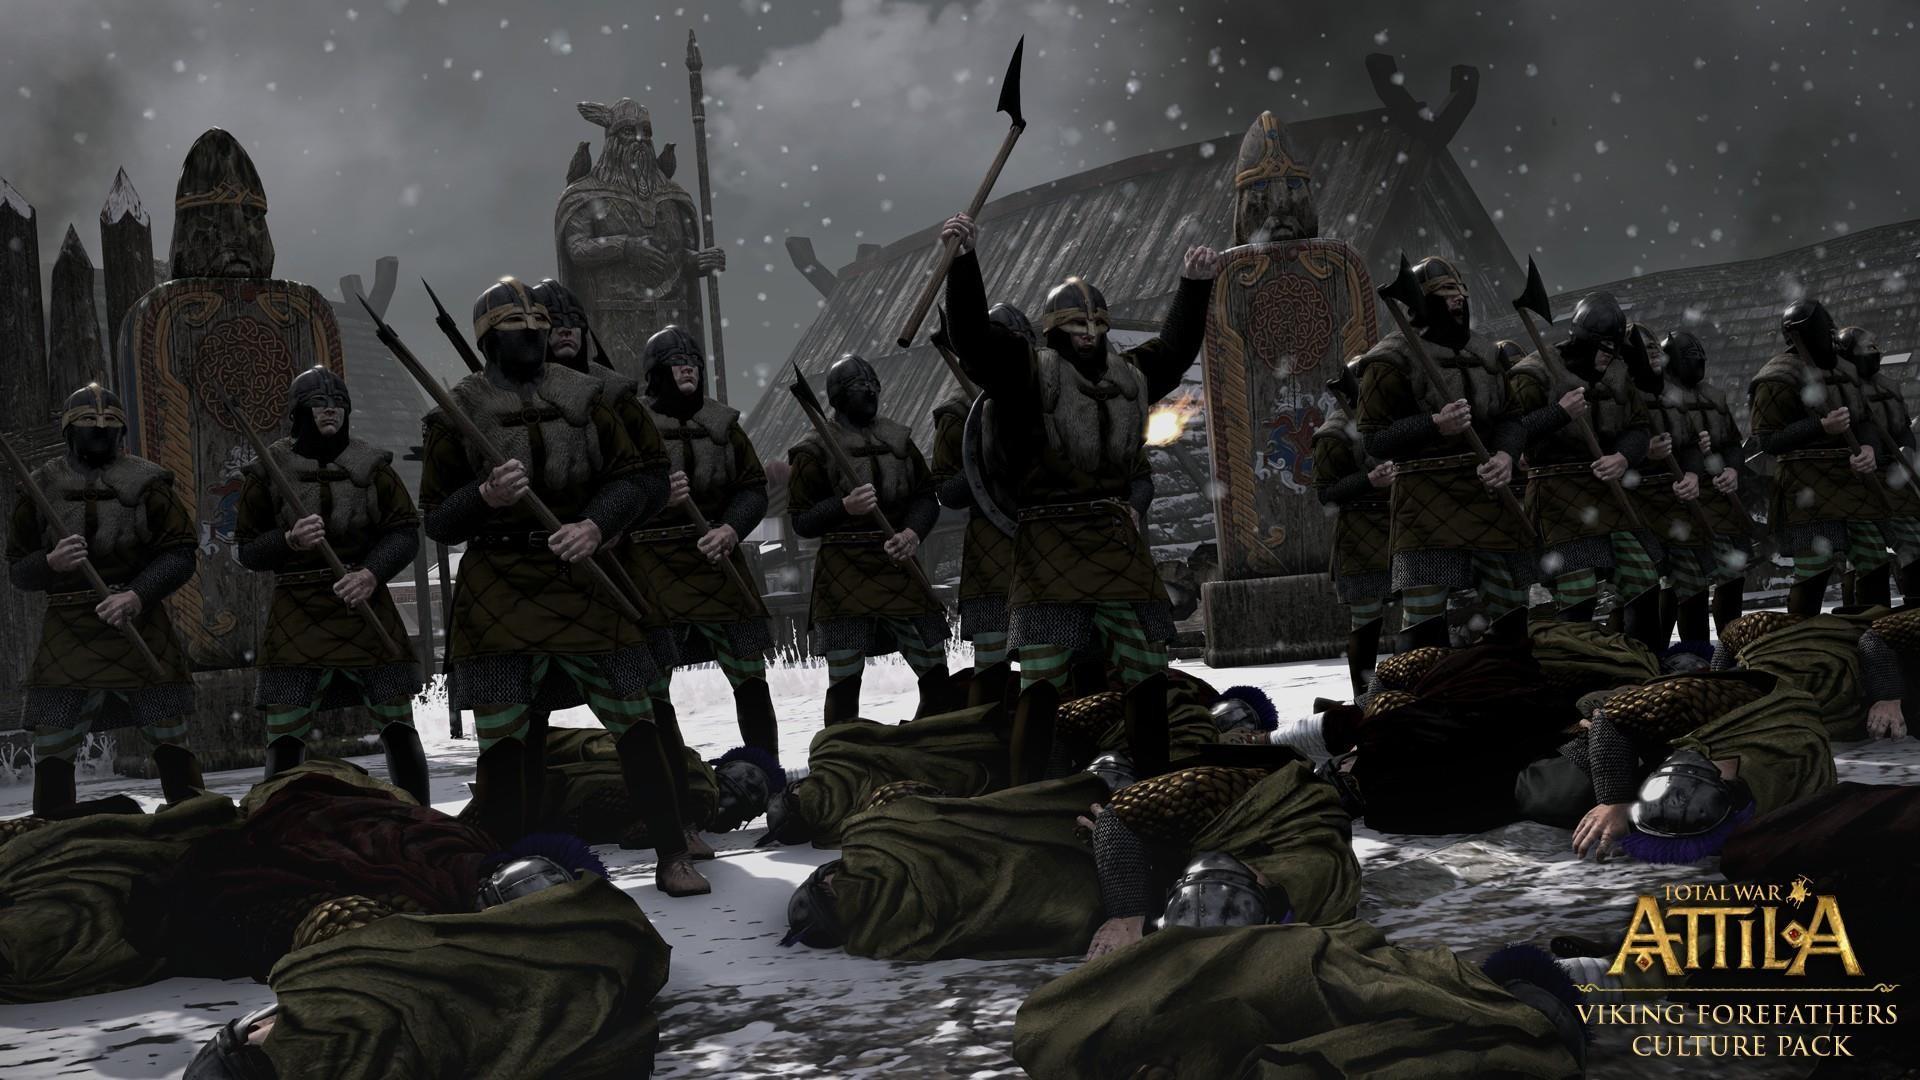 Attila Total War Wallpaper: Total War Attila Wallpaper (92+ Images